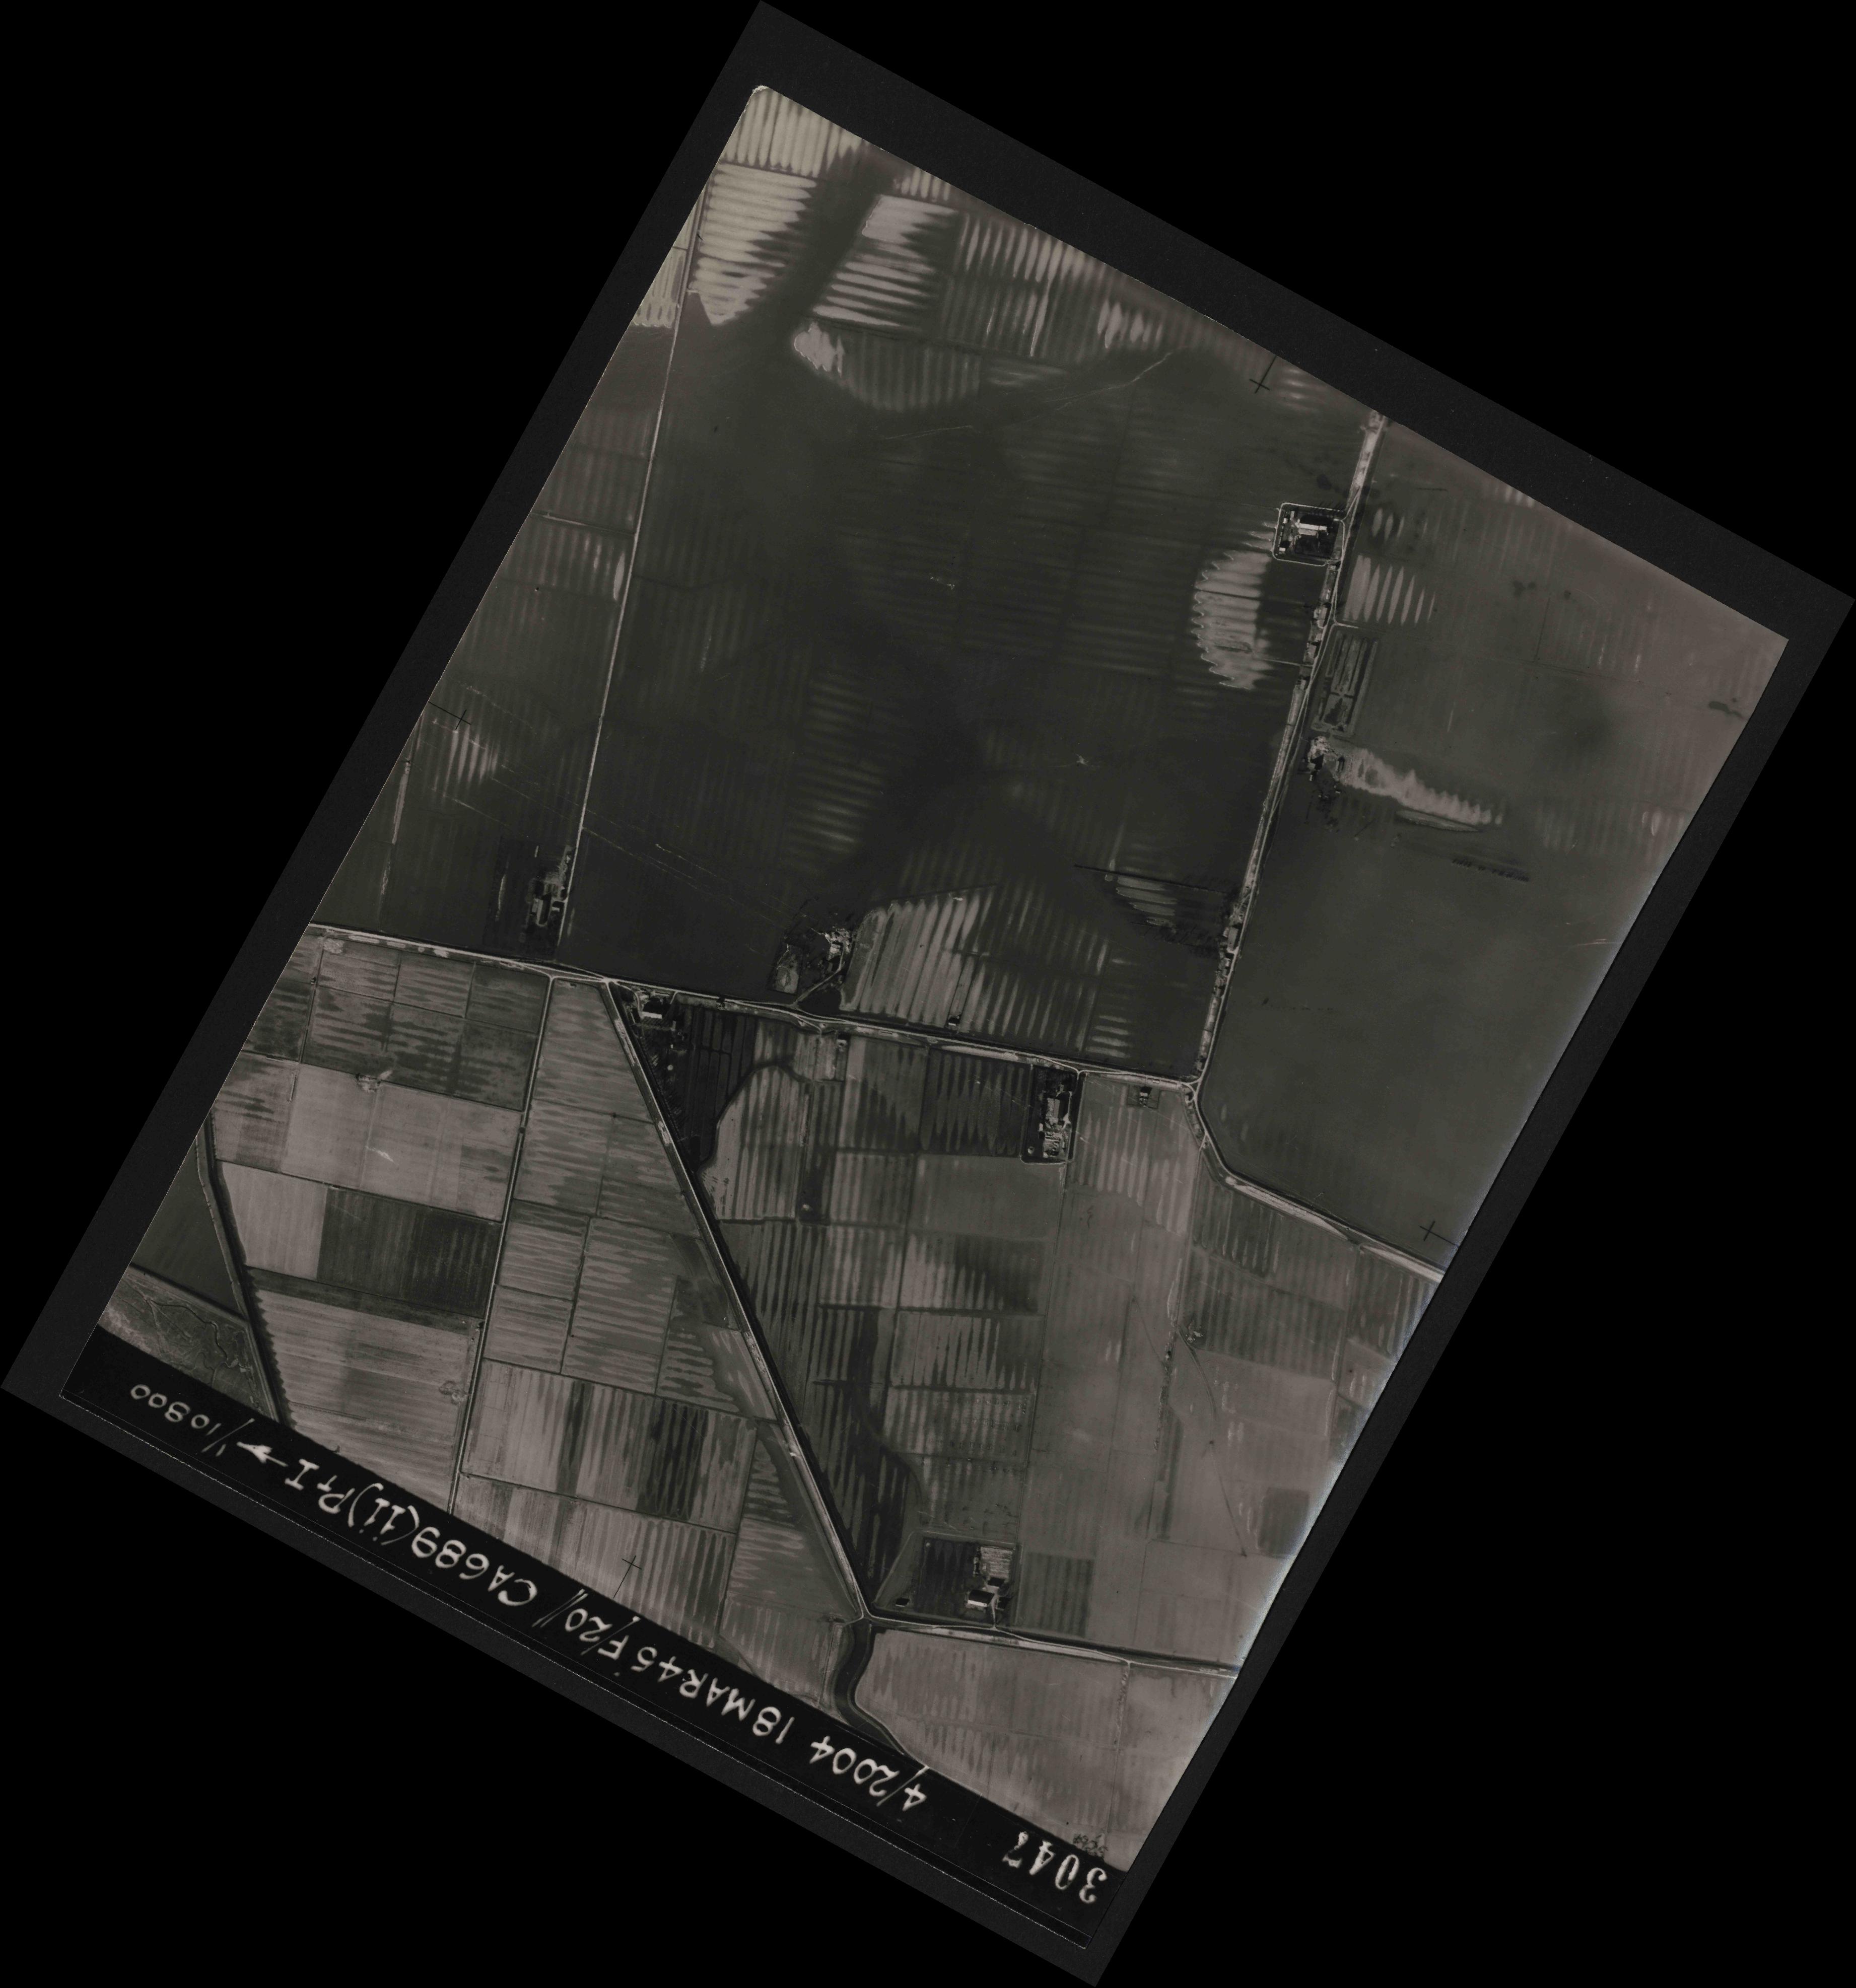 Collection RAF aerial photos 1940-1945 - flight 076, run 11, photo 3047